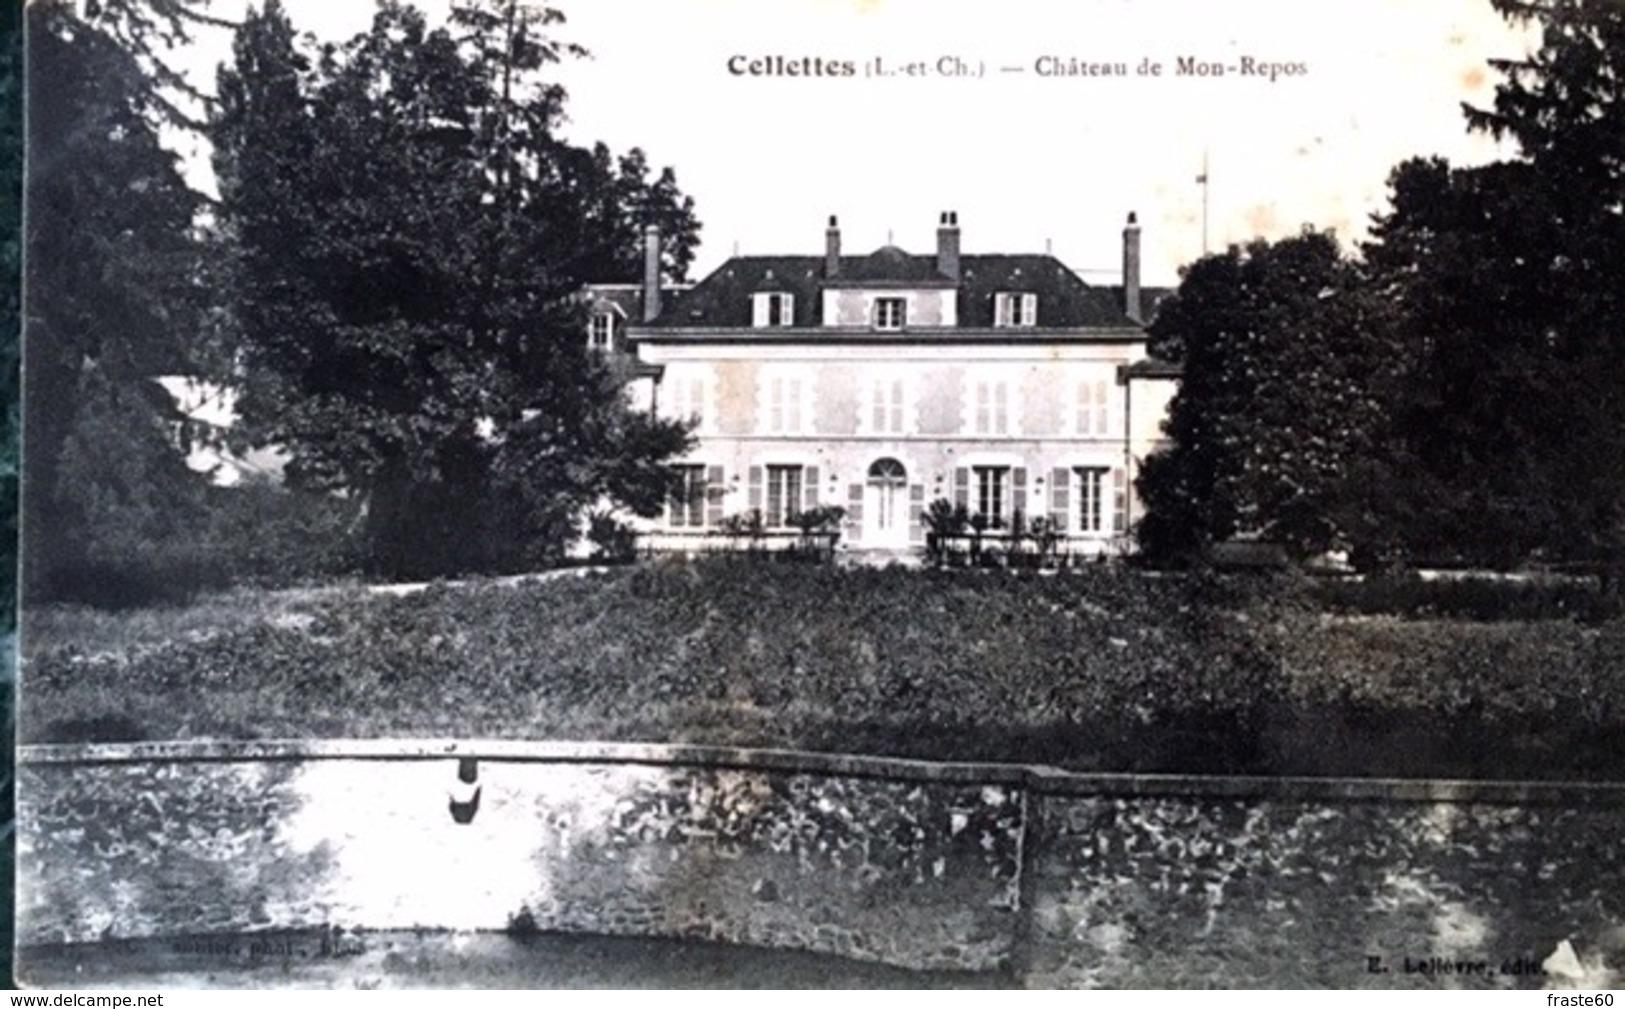 Cellettes - Chateau De Mon-Repos - France